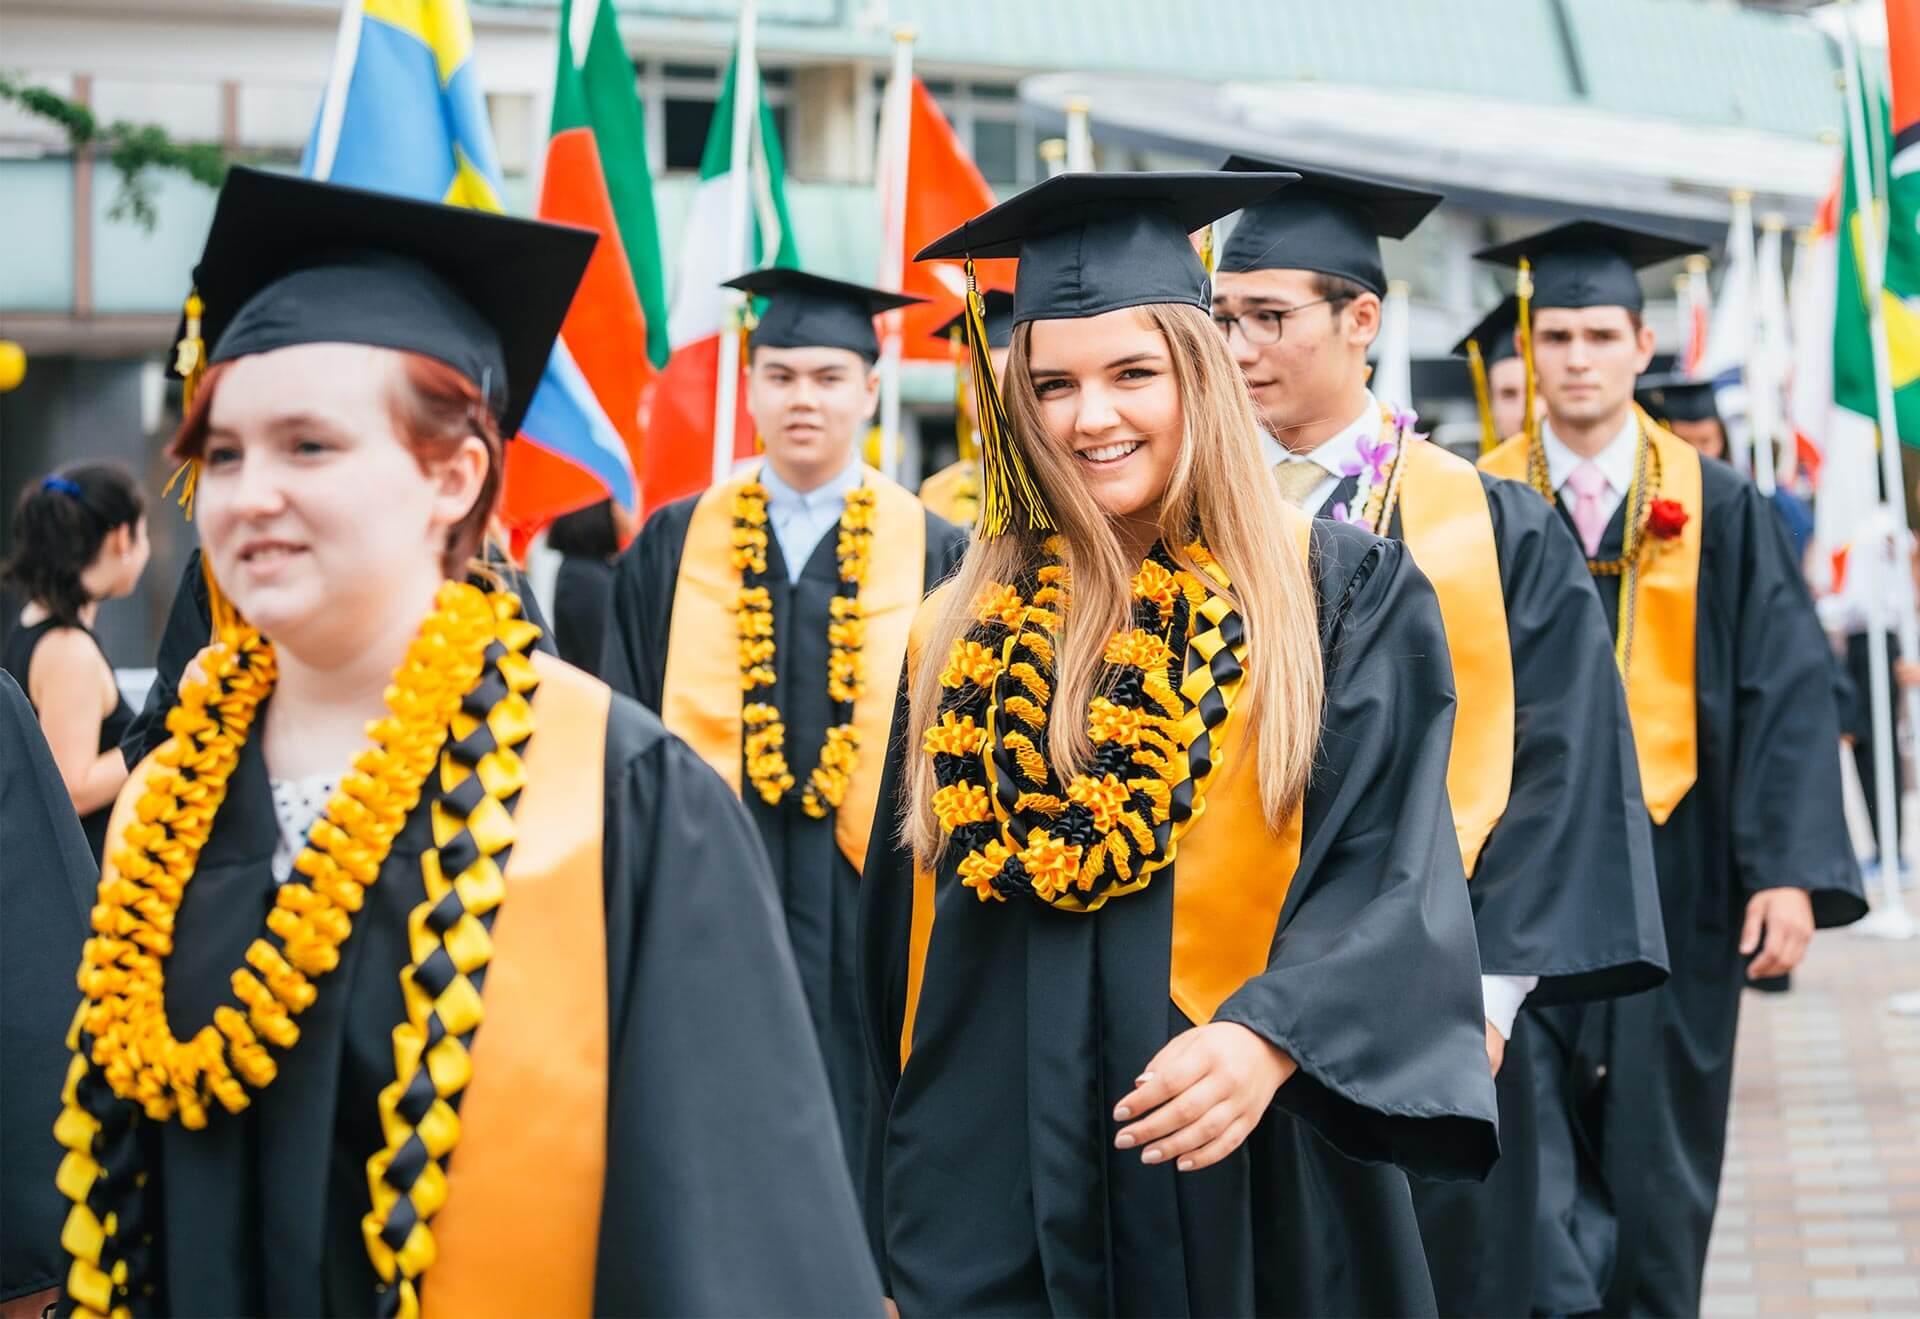 ASIJ Graduate in Cap and Gown at Senior Walk